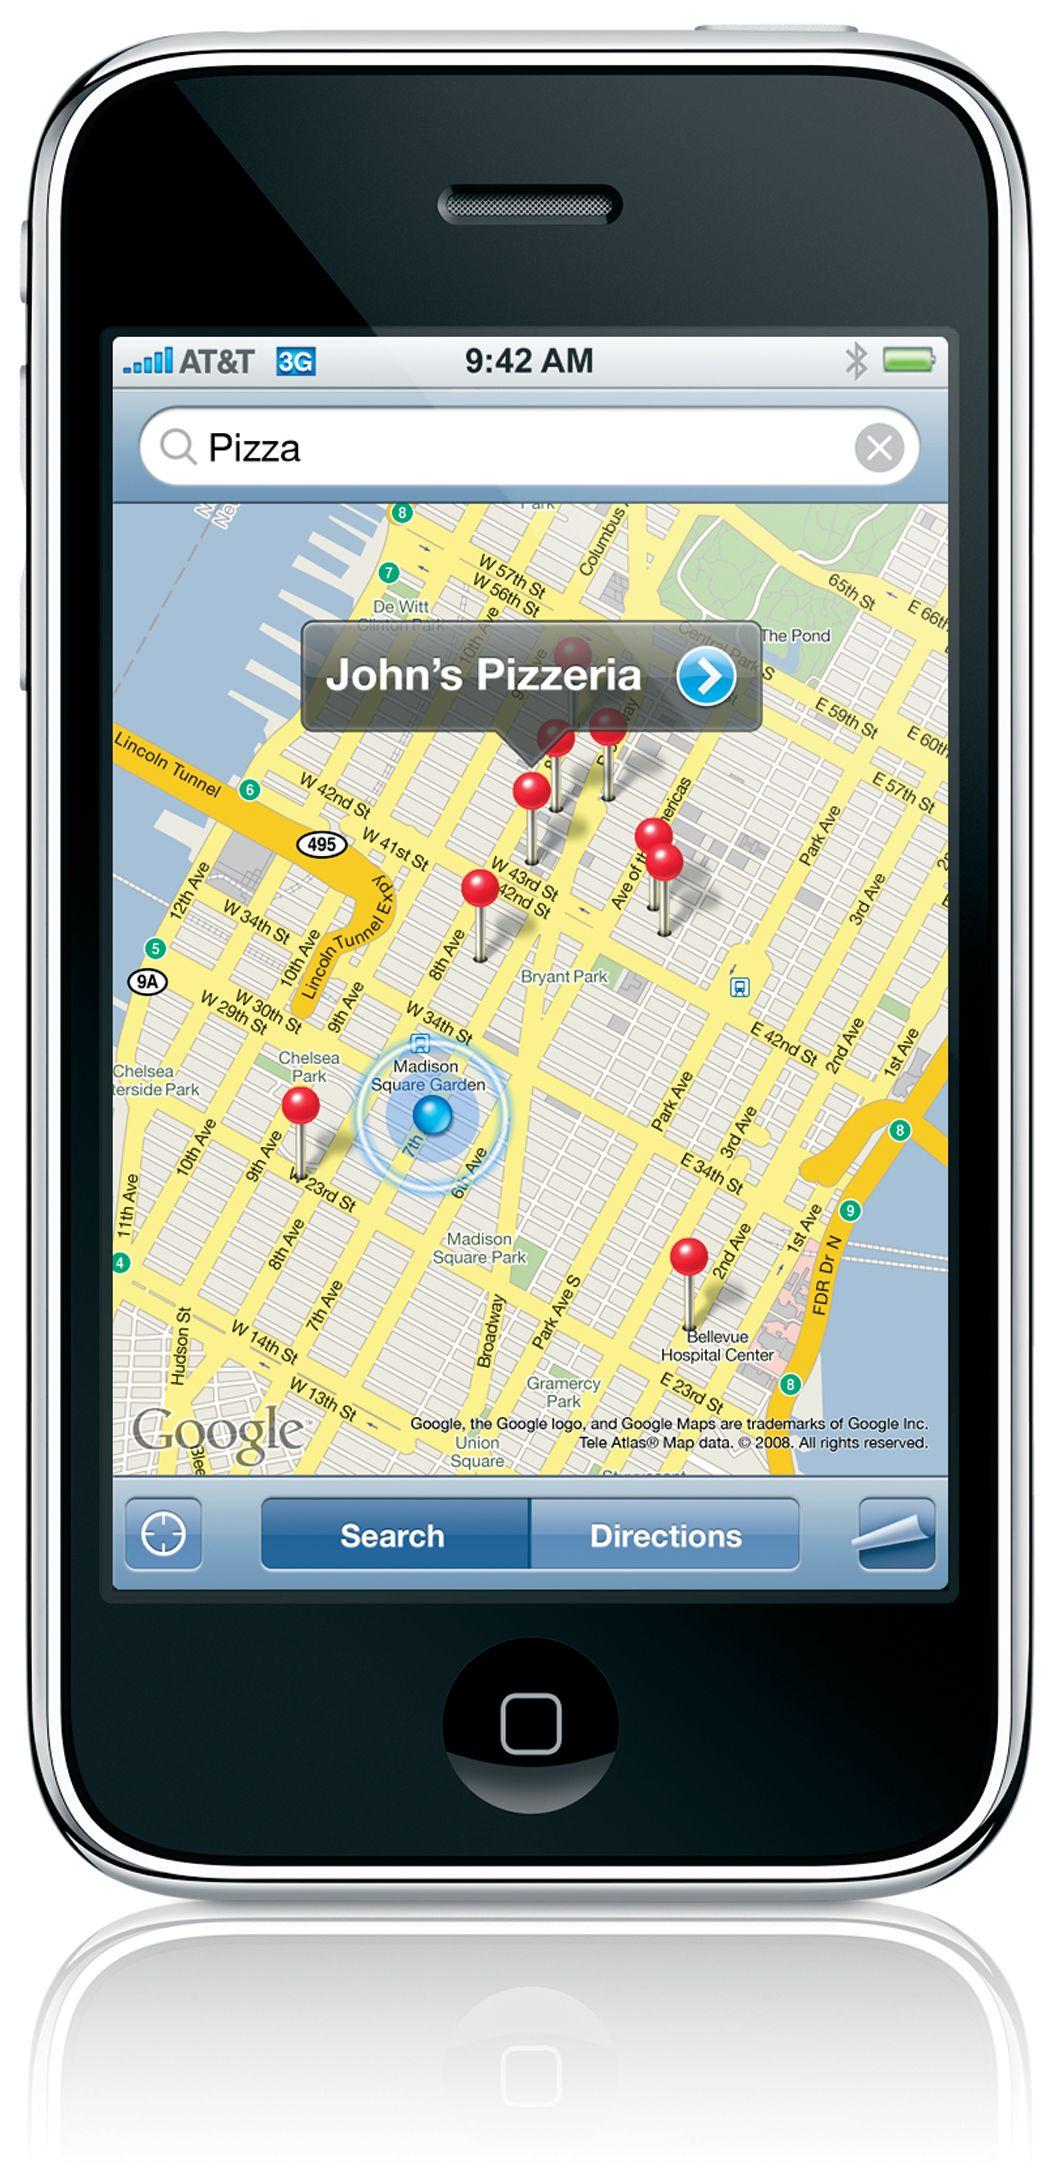 AGPS er også på plass. Dette gjør det mulig å bruke GPS-programmer av ymse slag.